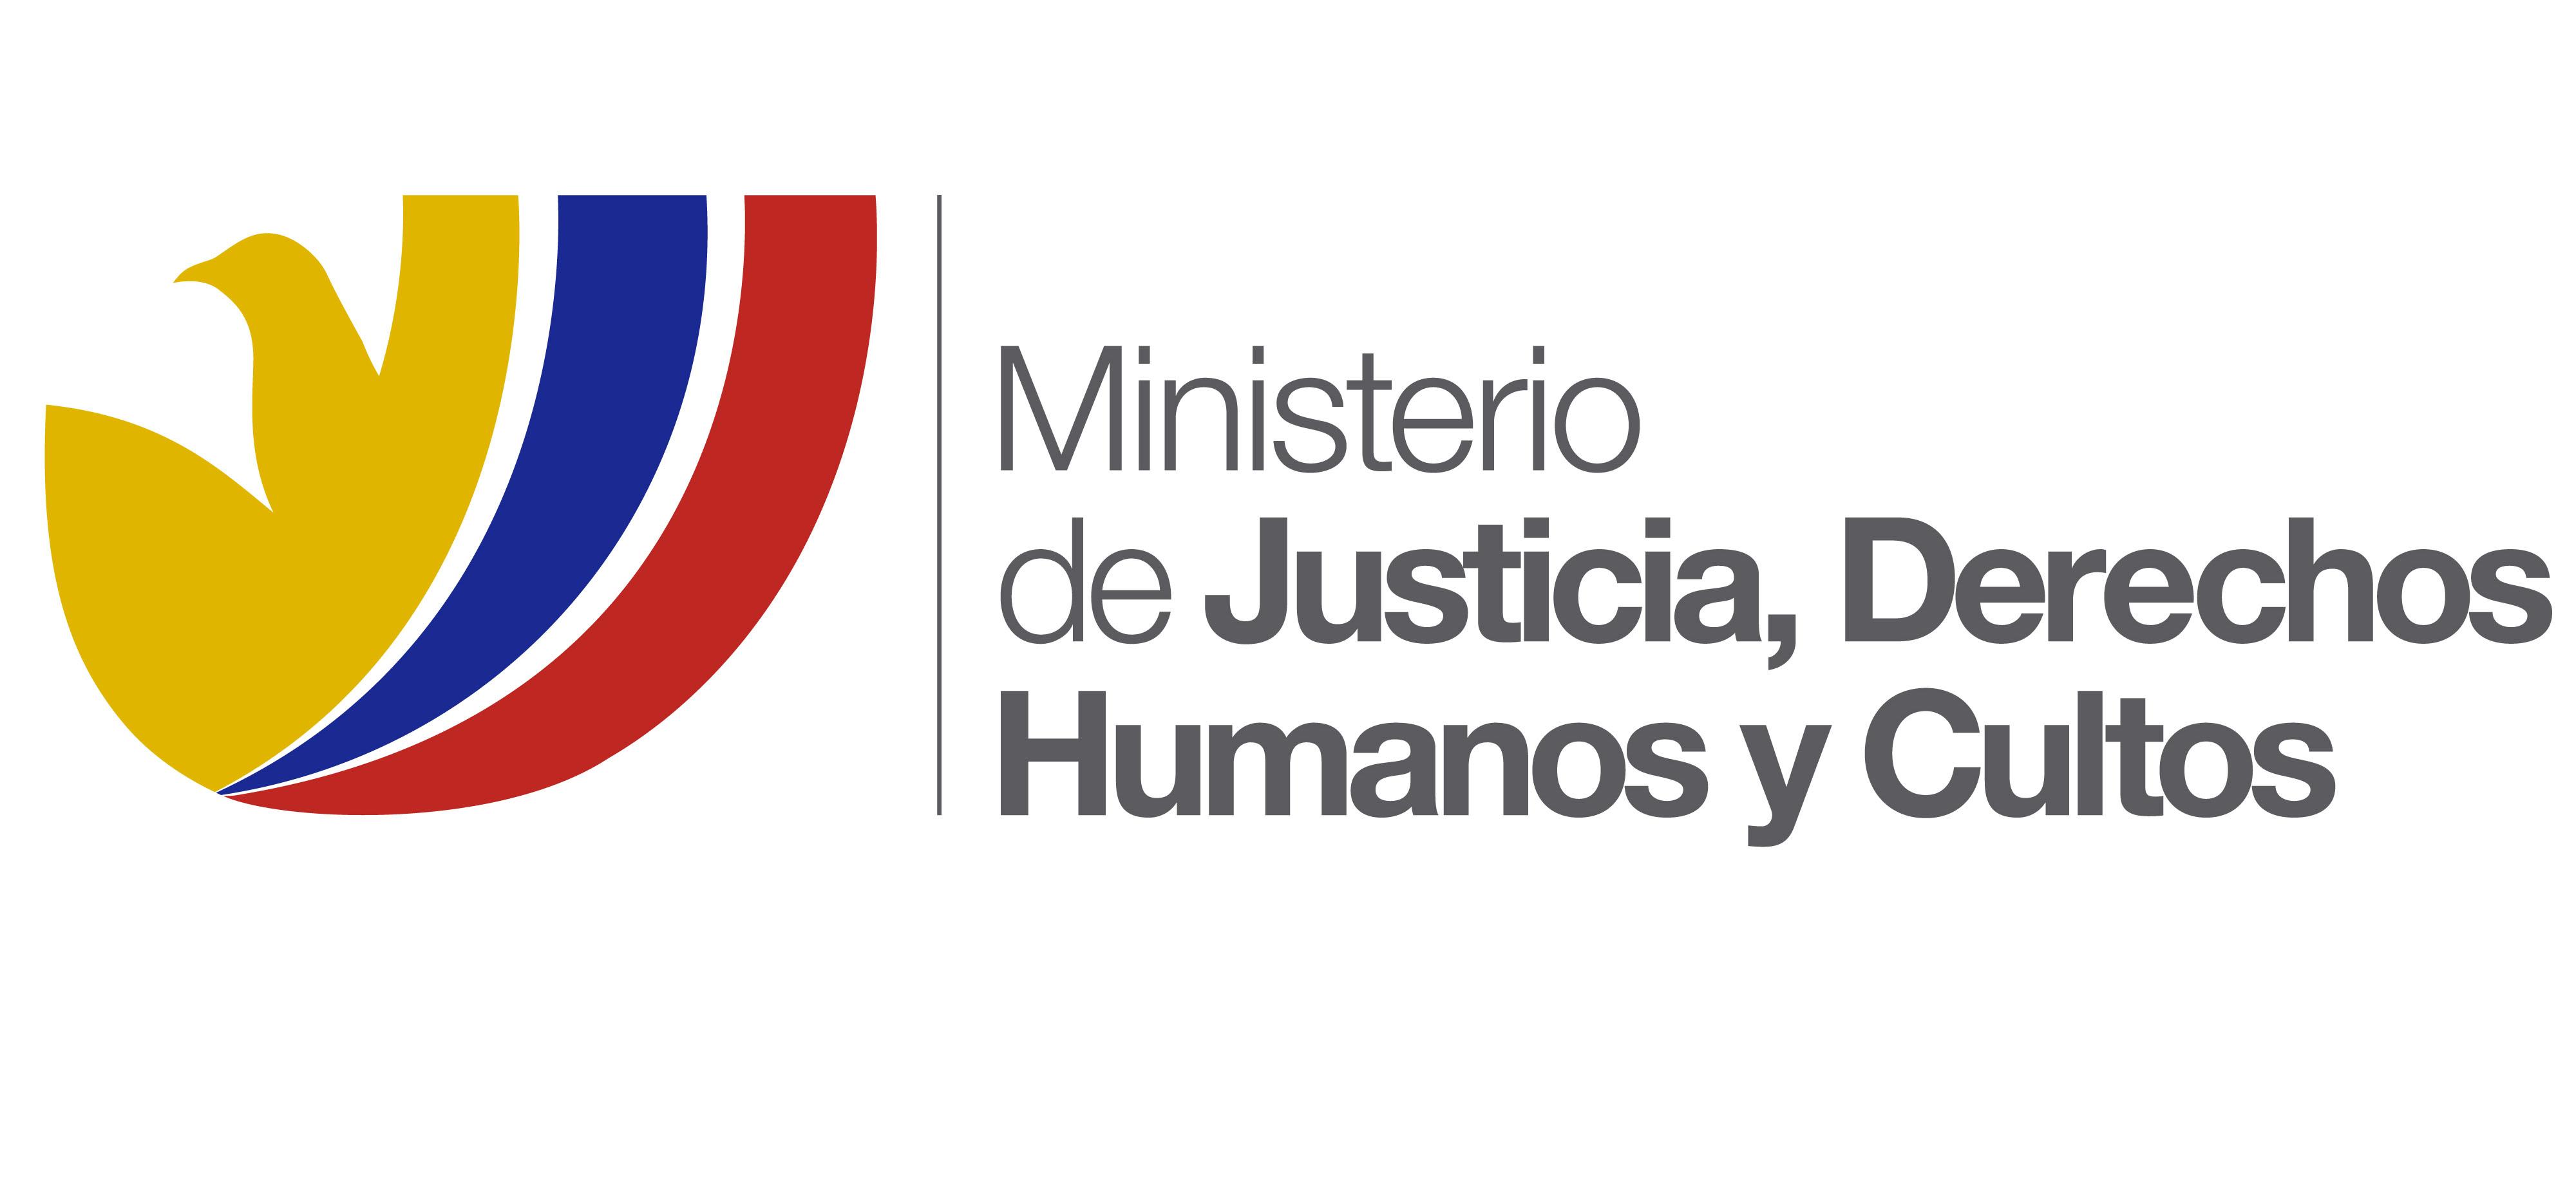 Ministerio de Justicia, Derechos Humanos y Cultos